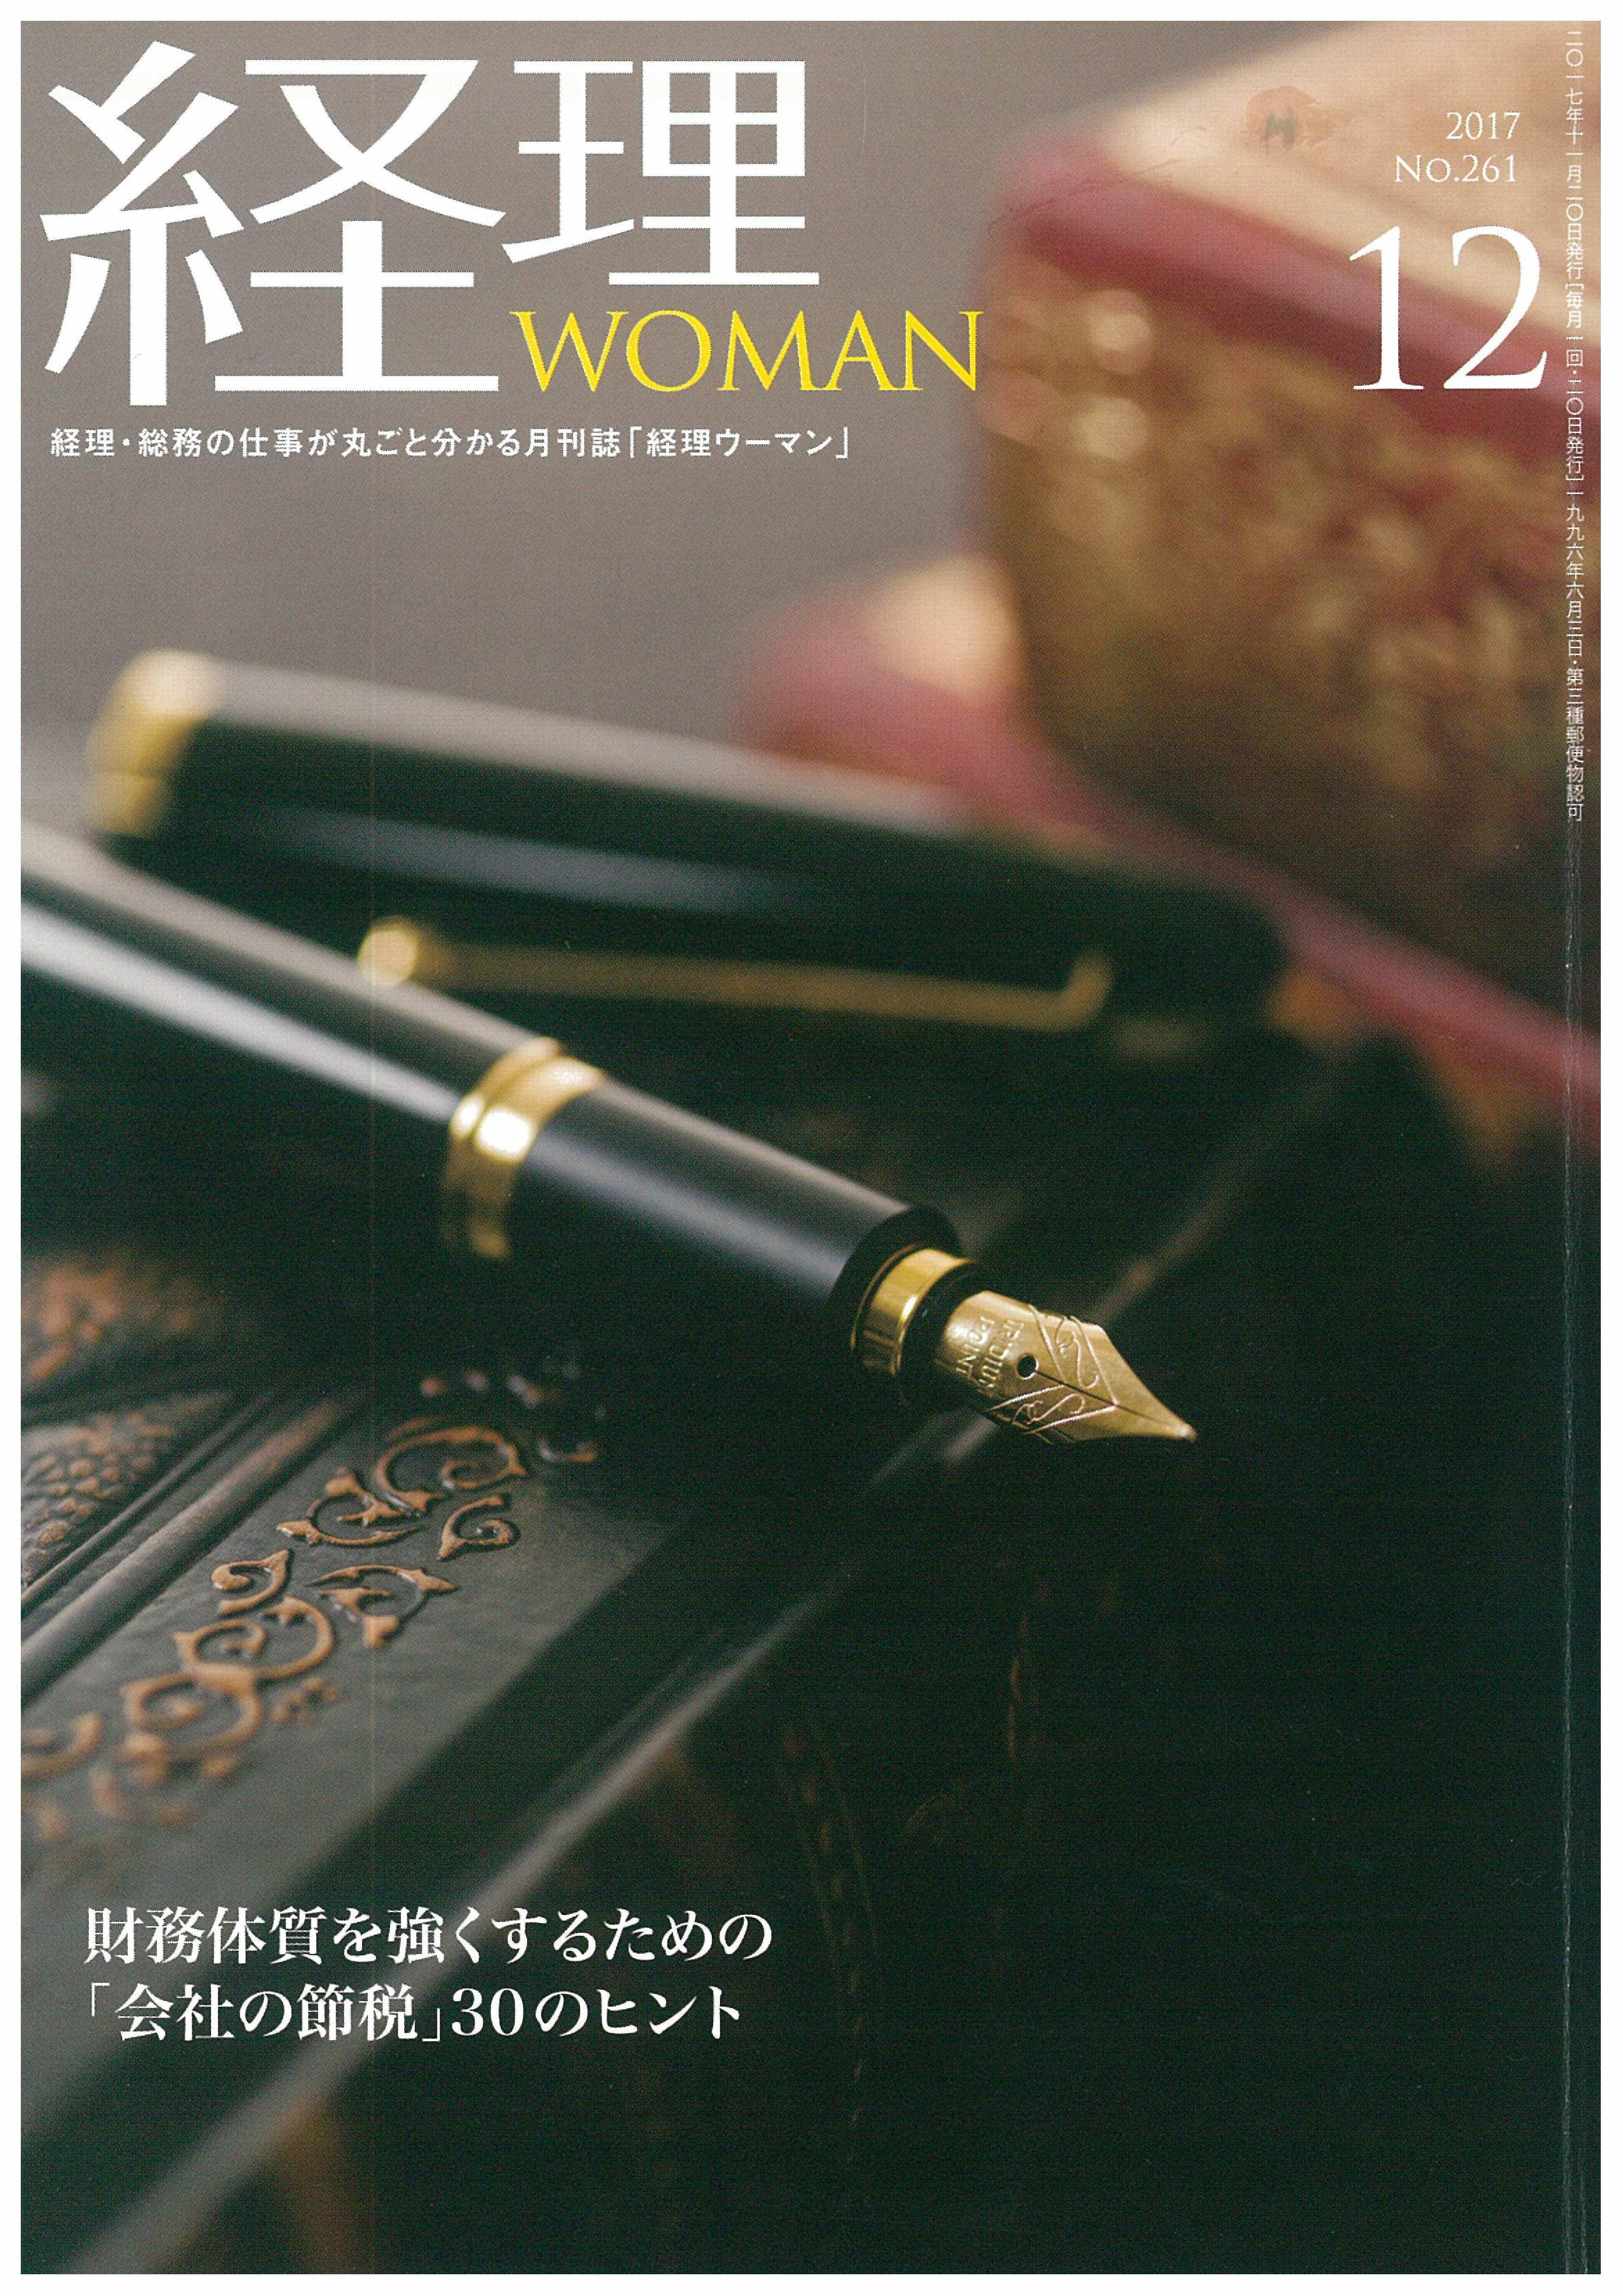 H29.11.15経理ウーマン